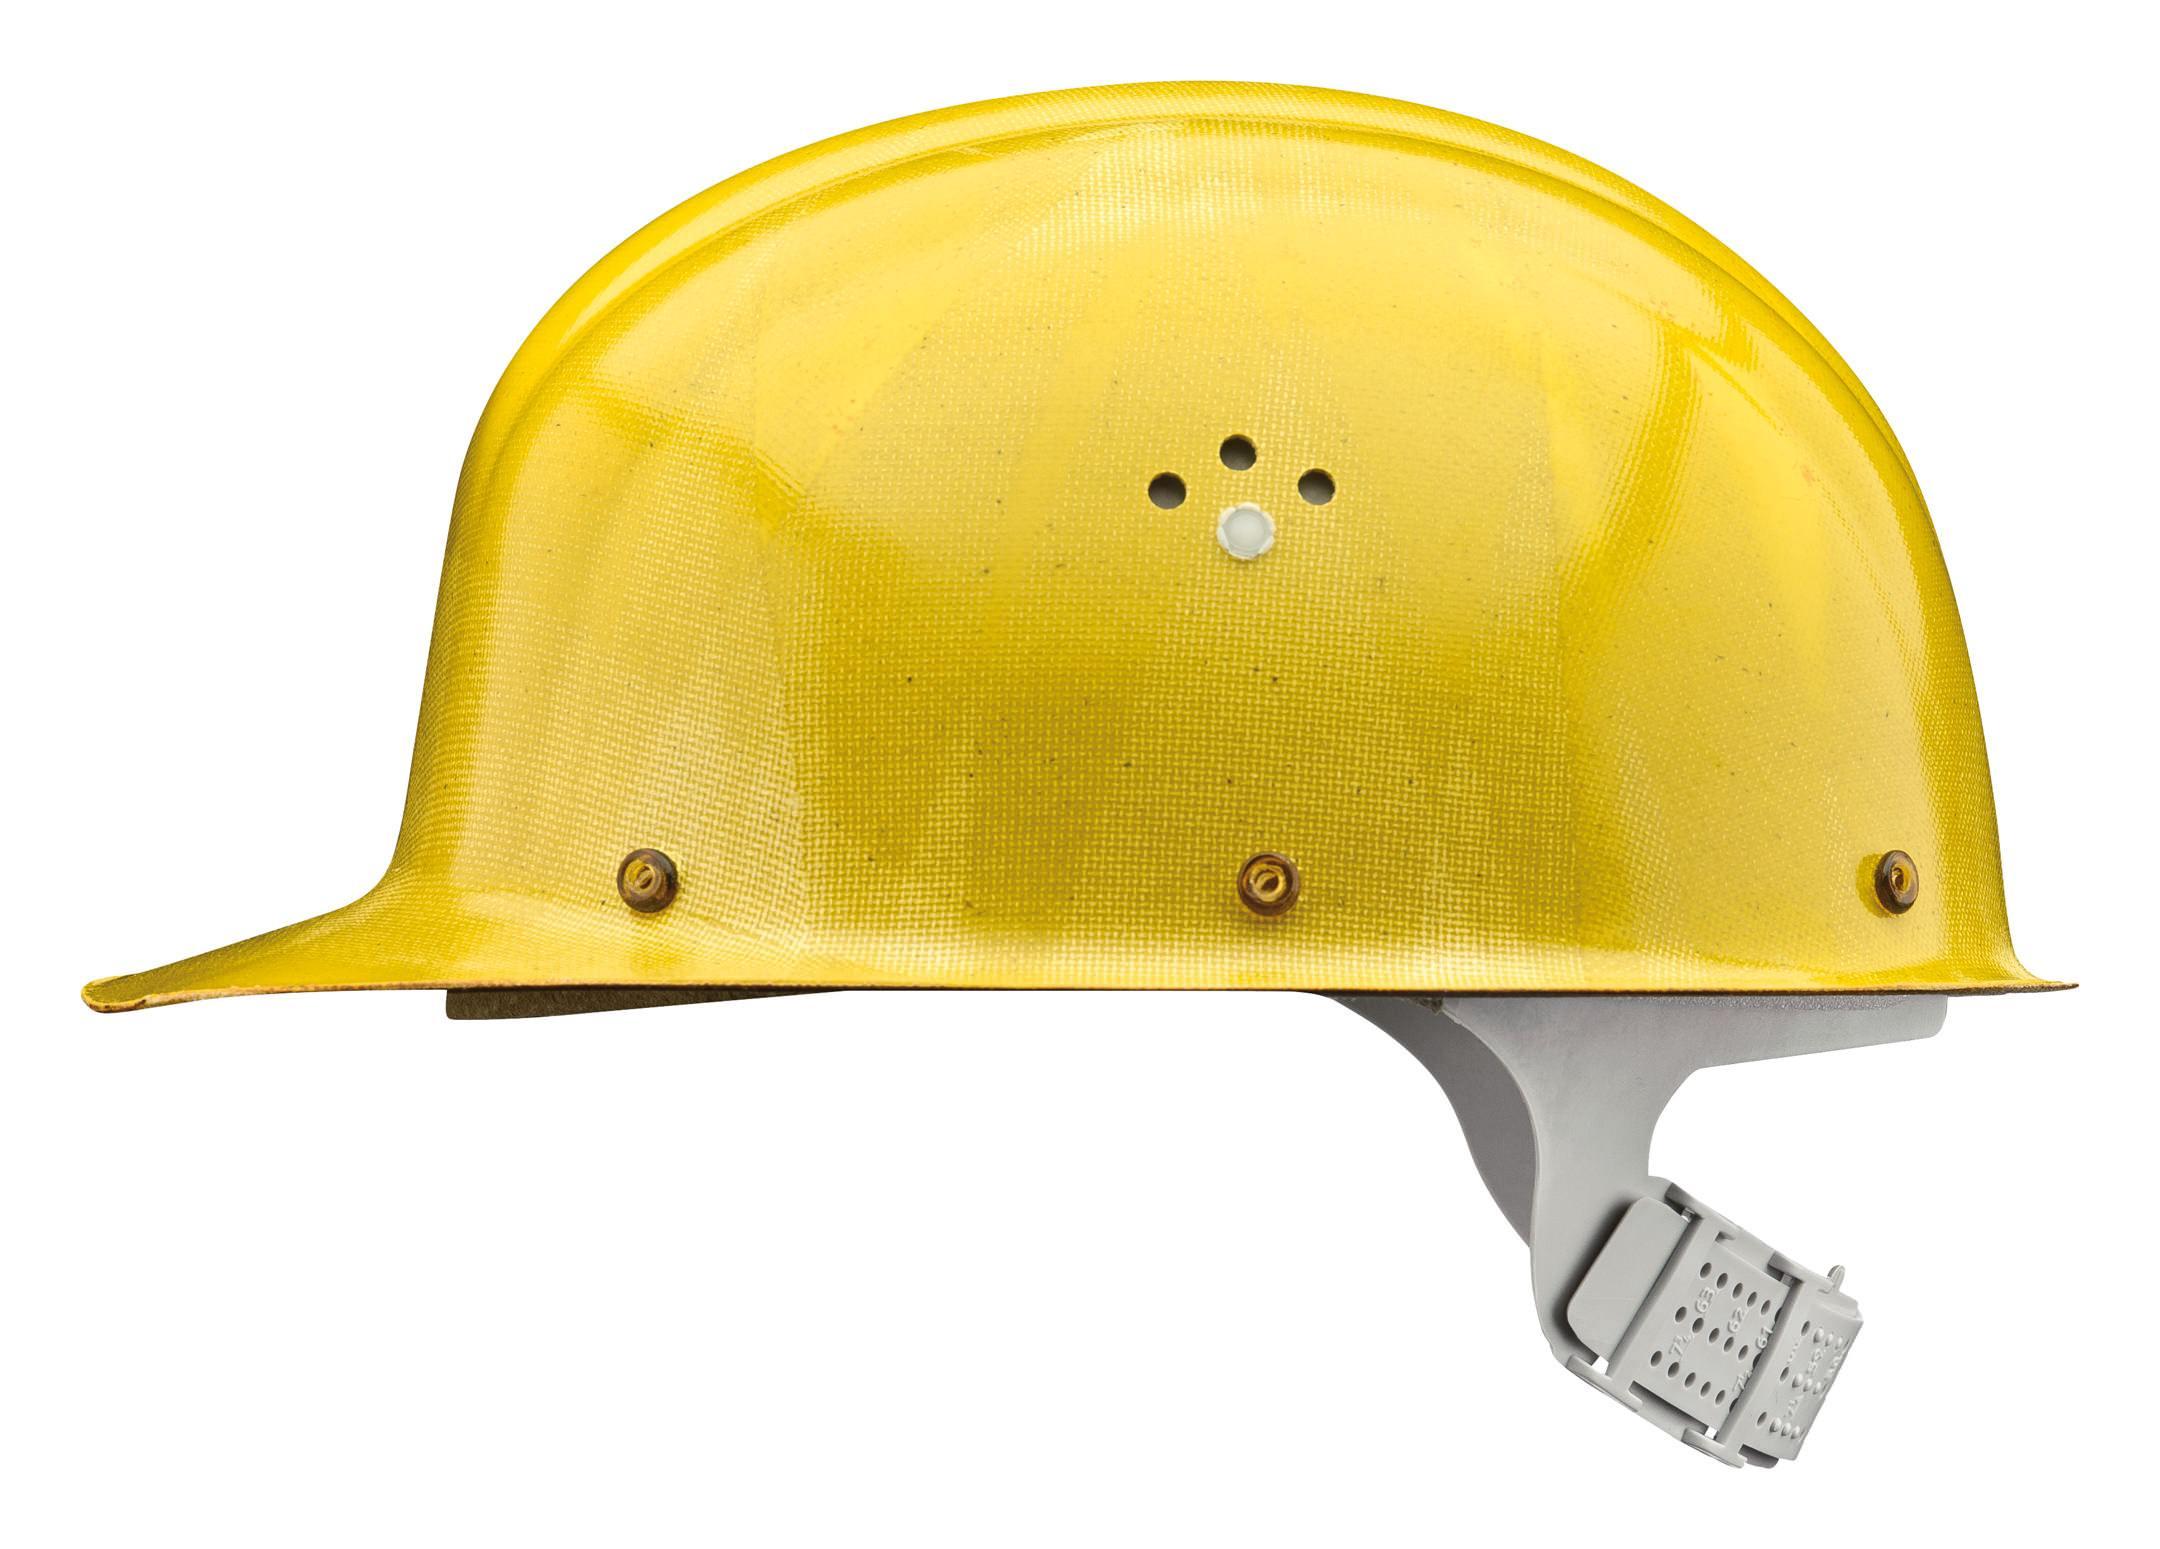 Voss-Helme Voss Helme Helm Intex natur EN 397 - 12250000